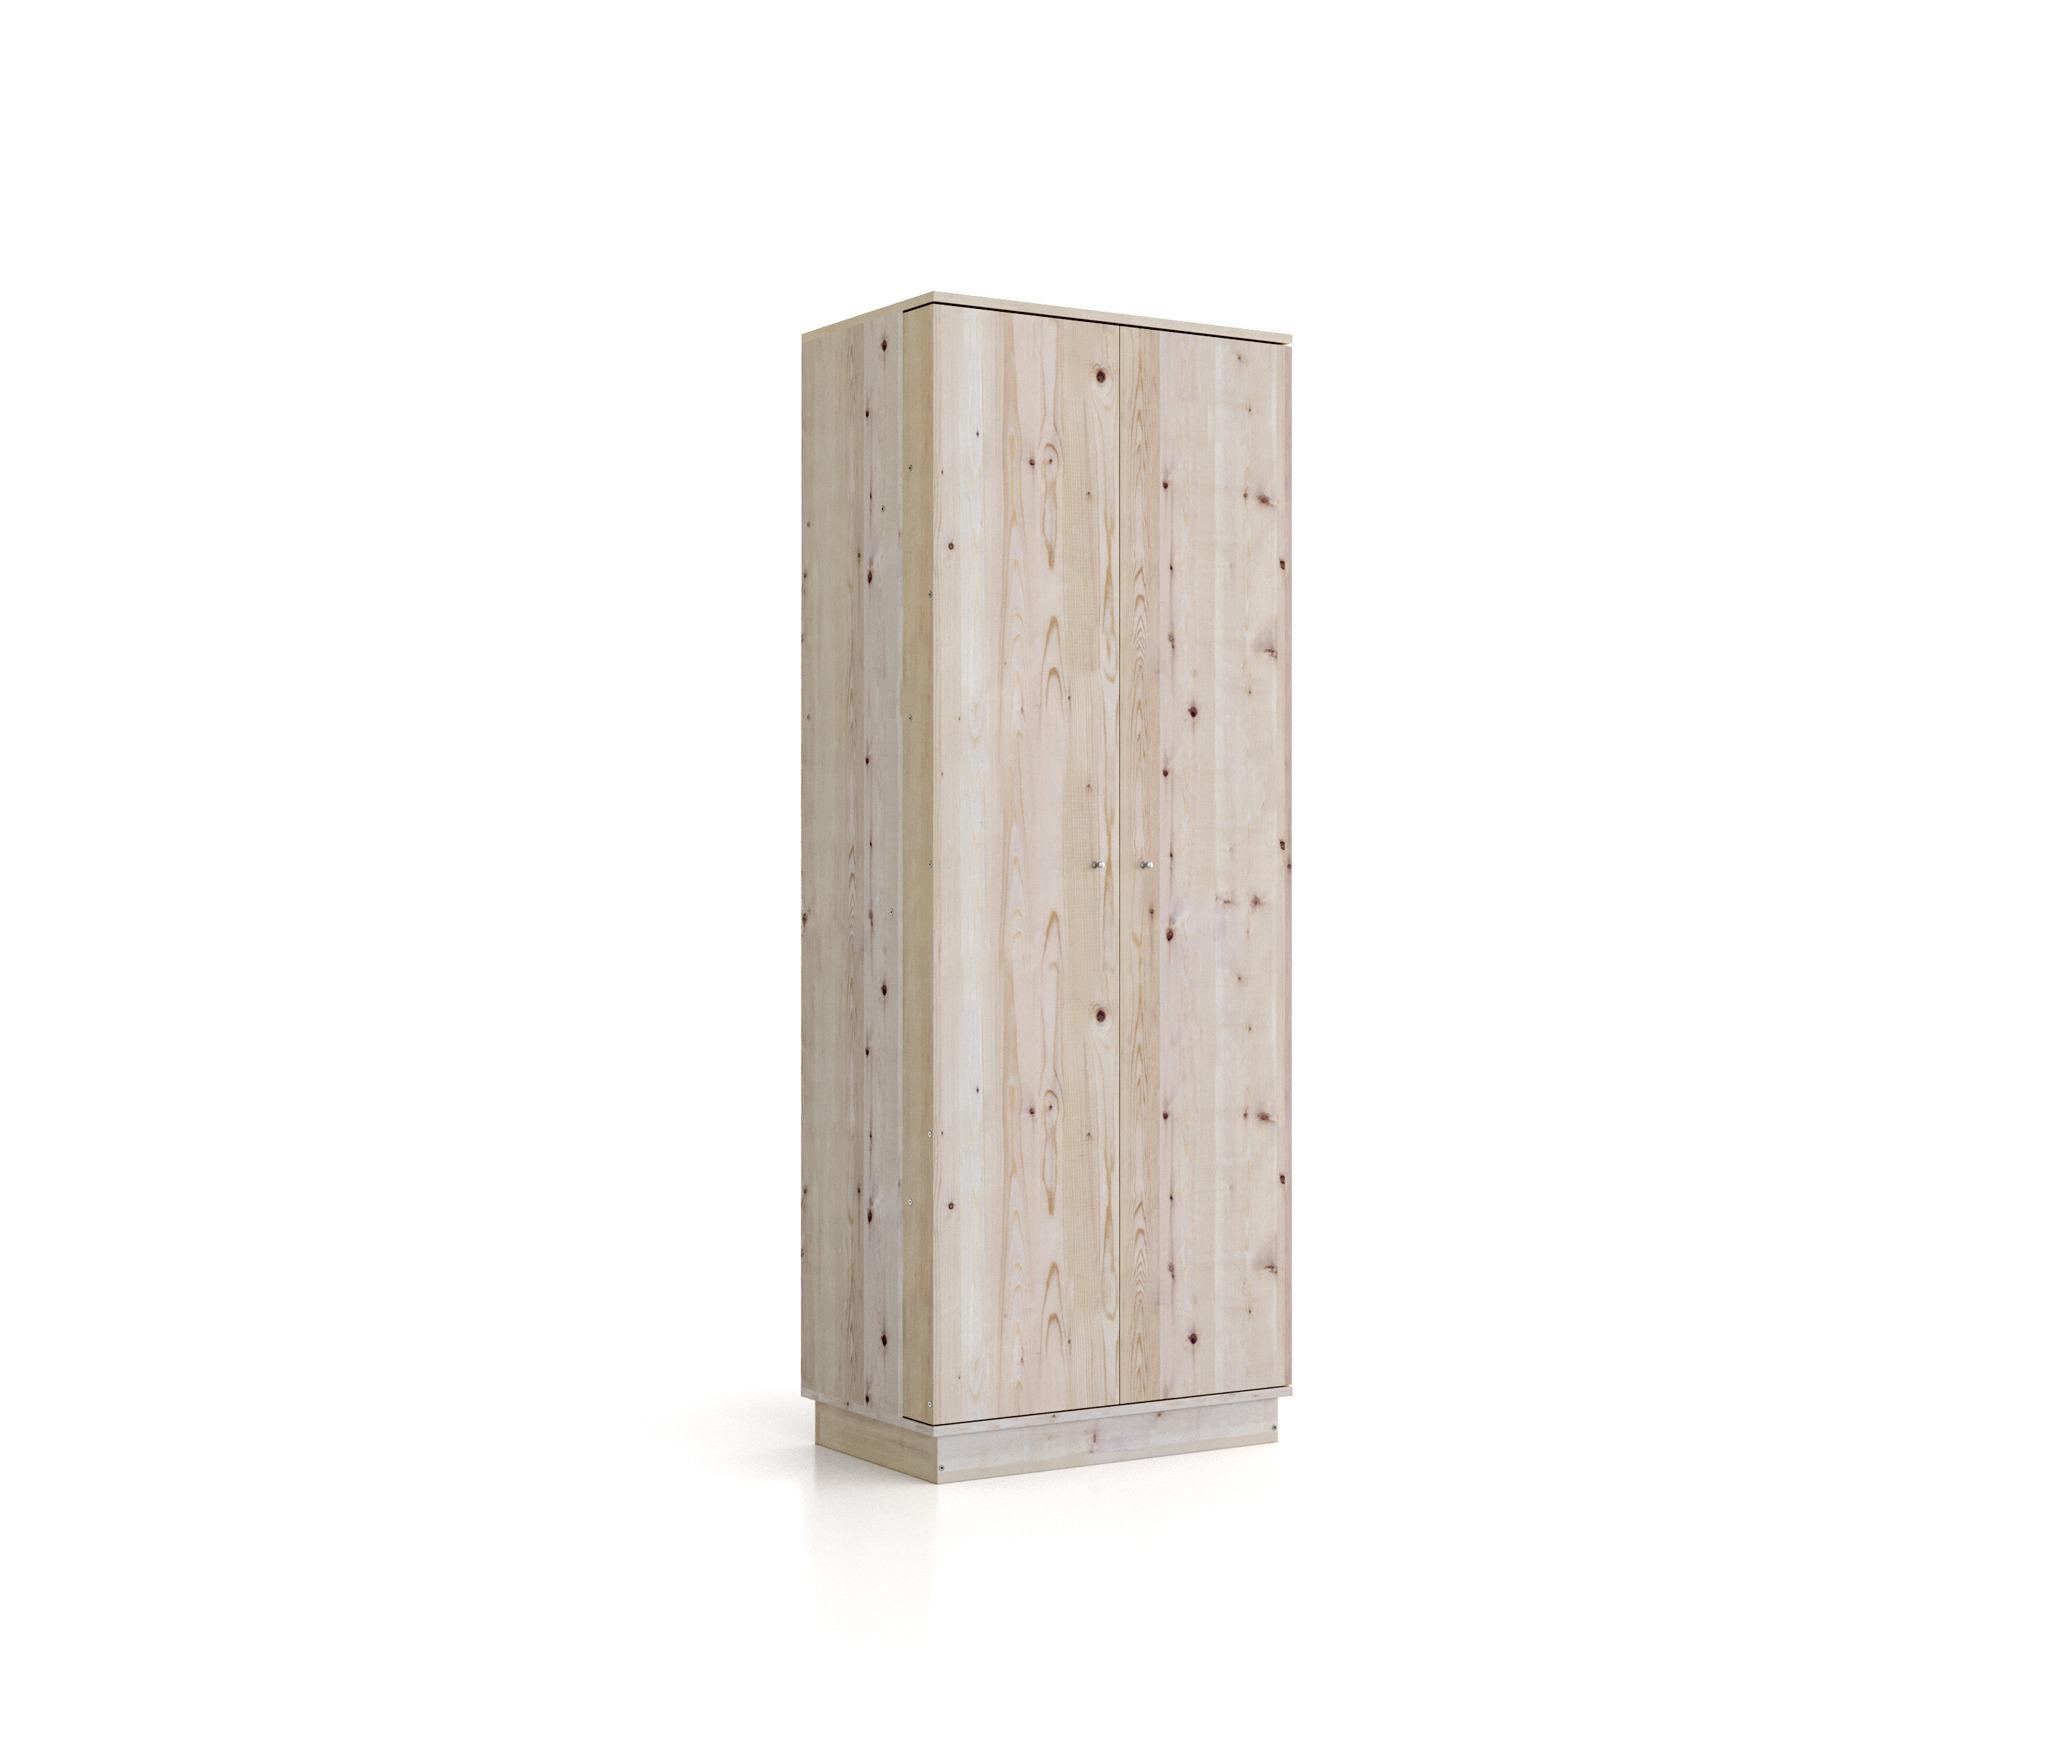 Кантри (Карелия) МС-28 шкаф для инвентаря соснаСопутствующие<br>Шкаф для инвентаря  Карелия    это не дорогая, но функциональная модель шкафа, которая позволит удобно хранить инвентарь и другие хозяйственно-бытовые принадлежности. В нижней части шкафа специально предусмотрено место для размещения хозяйственного инвентаря – ведра, швабры и т.д. Внутри шкафа предусмотрено три полки для хранения вещей. Помимо того, на дверцах располагаются специальные полочки для удобного и эргономичного размещения мелких бытовых предметов: на правой дверце - одна, а на левой - три. Кроме того, на дверце имеется специальное место, предназначенное для держания лопат, граблей.&#13;ВНИМАНИЕ! Перед началом эксплуатации вне помещений, необходимо обработать деревянные части мебели специализированными защитными составами!&#13;]]&gt;<br><br>Длина мм: 800<br>Высота мм: 2126<br>Глубина мм: 500